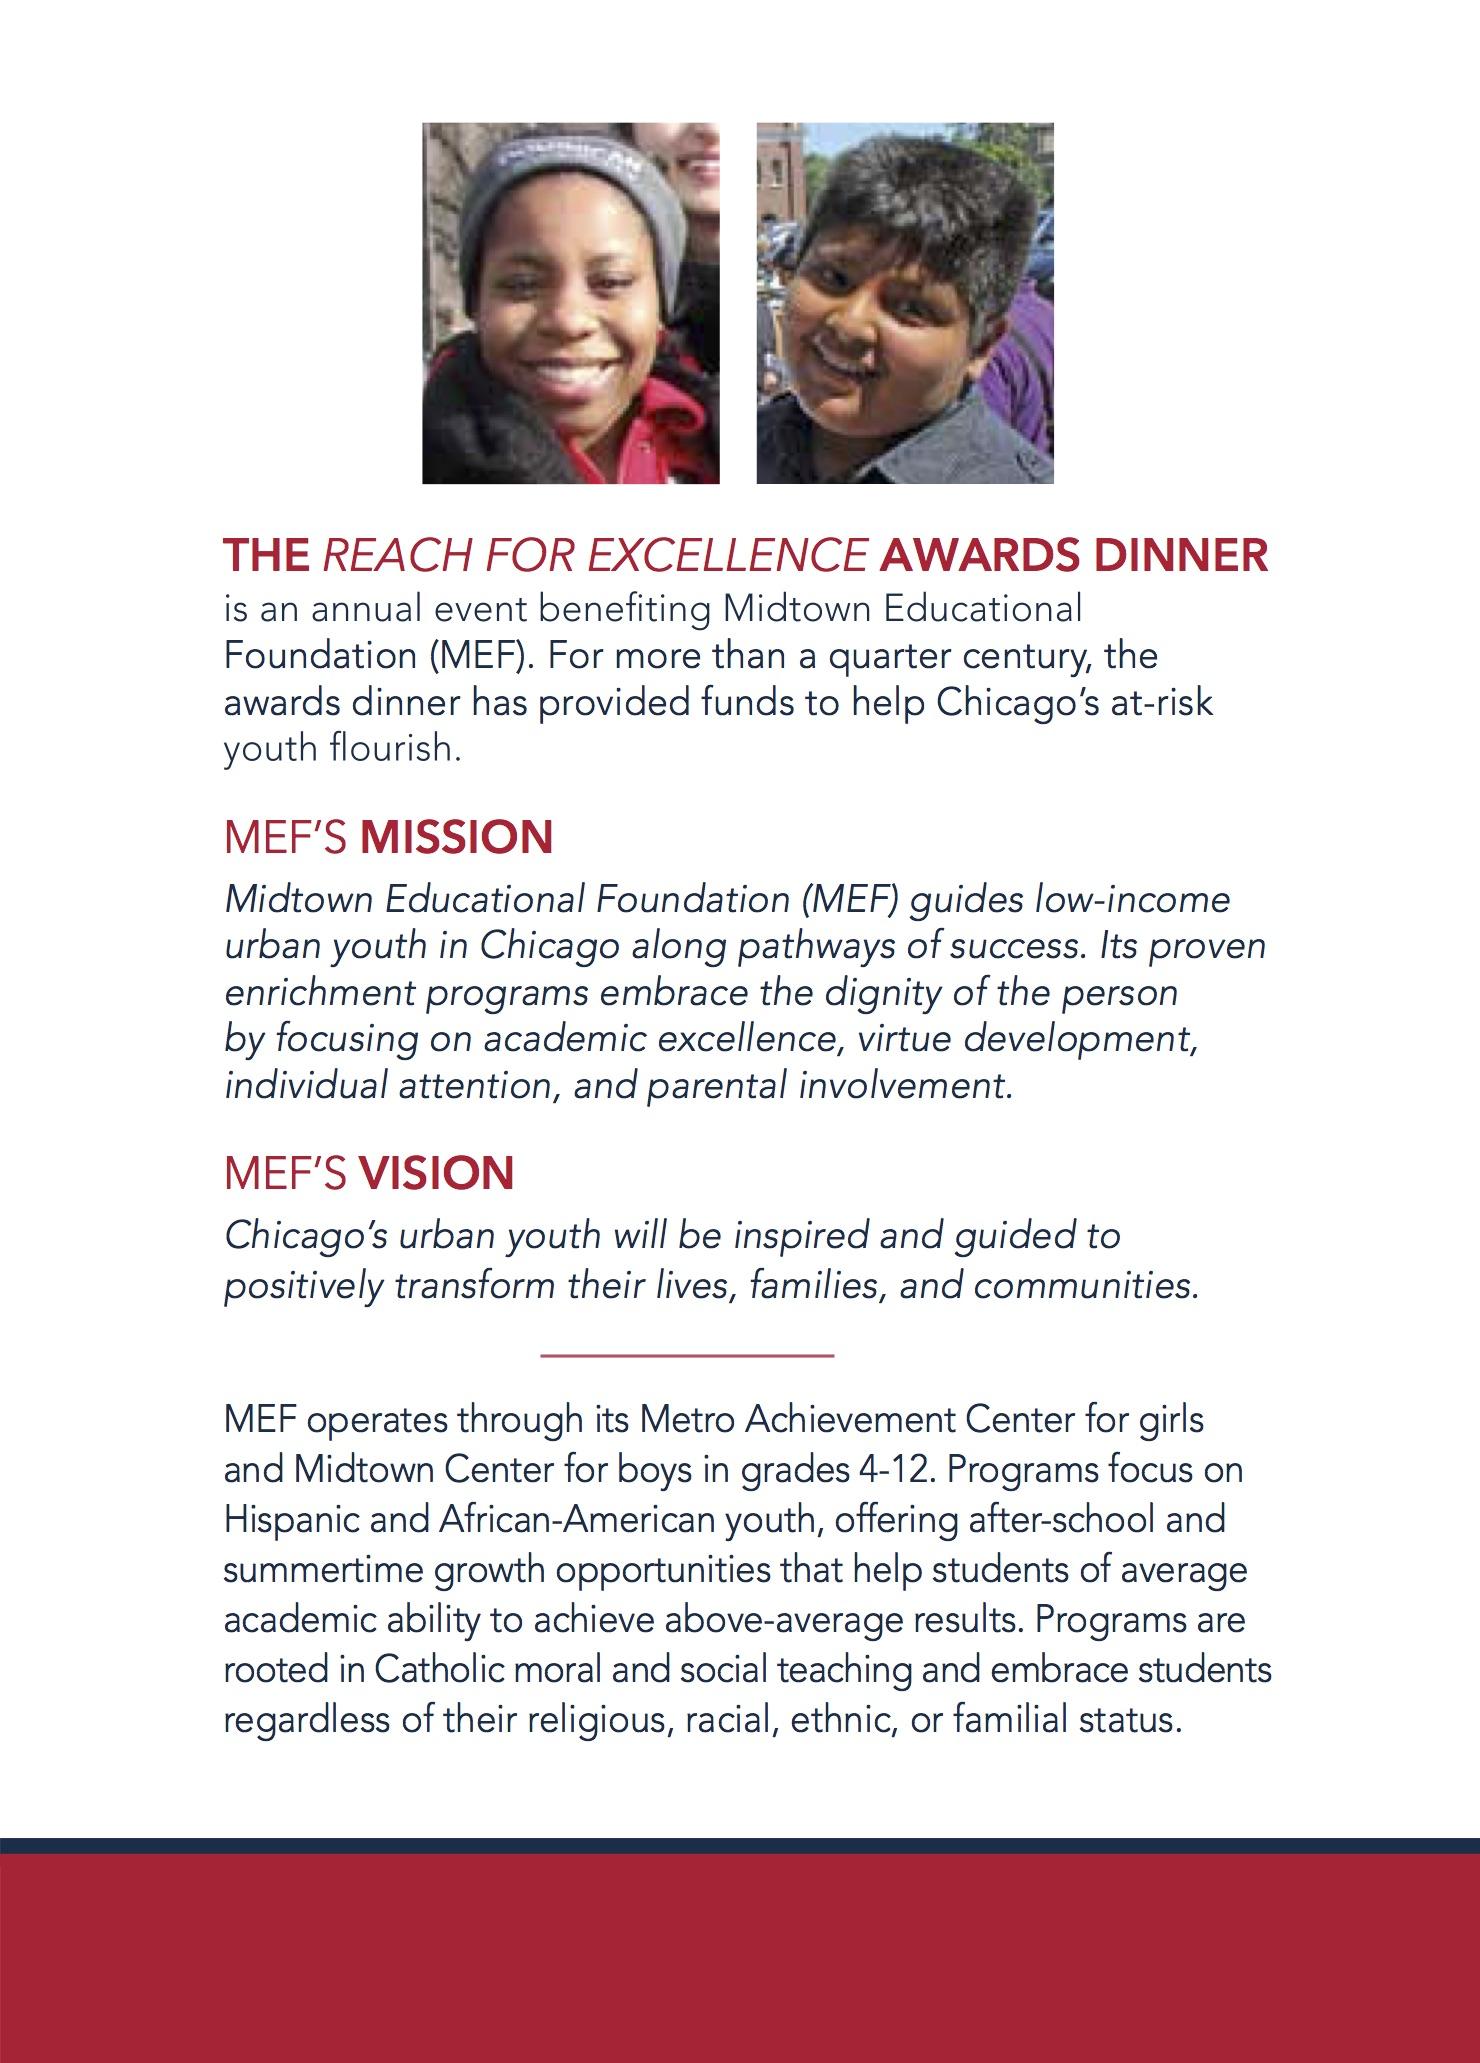 MEF 2017 Dinner Evite 1.jpg